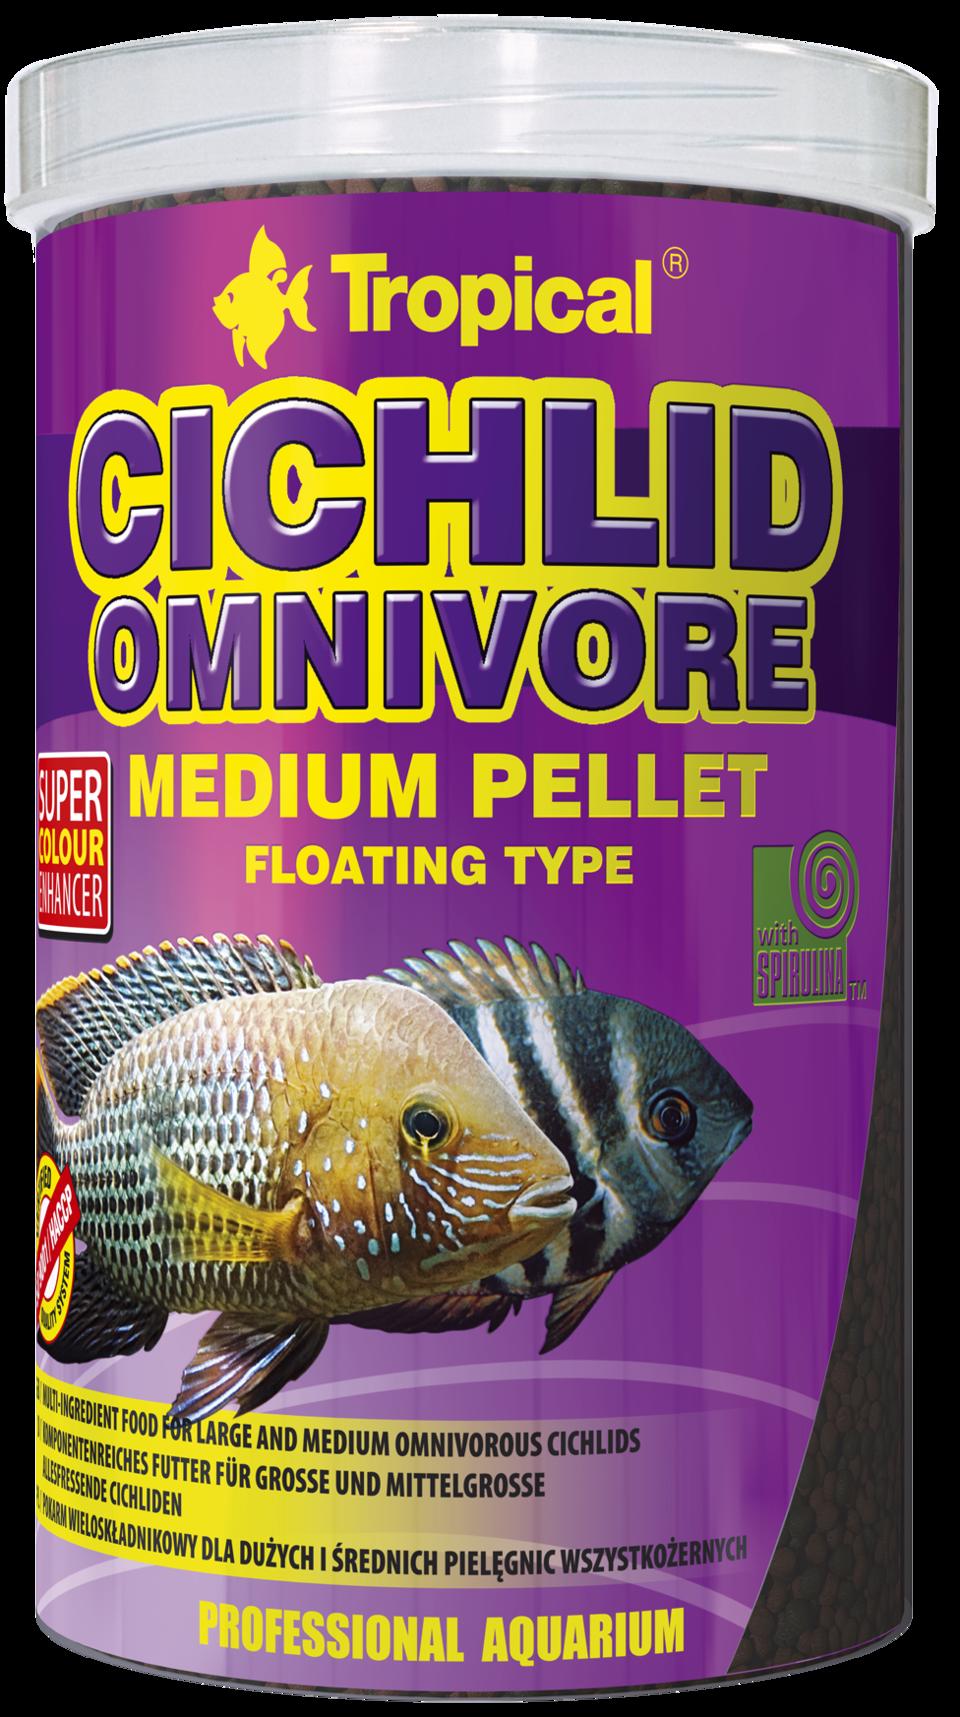 csm_cichlid-omnivore-medium_1000_56133969fe